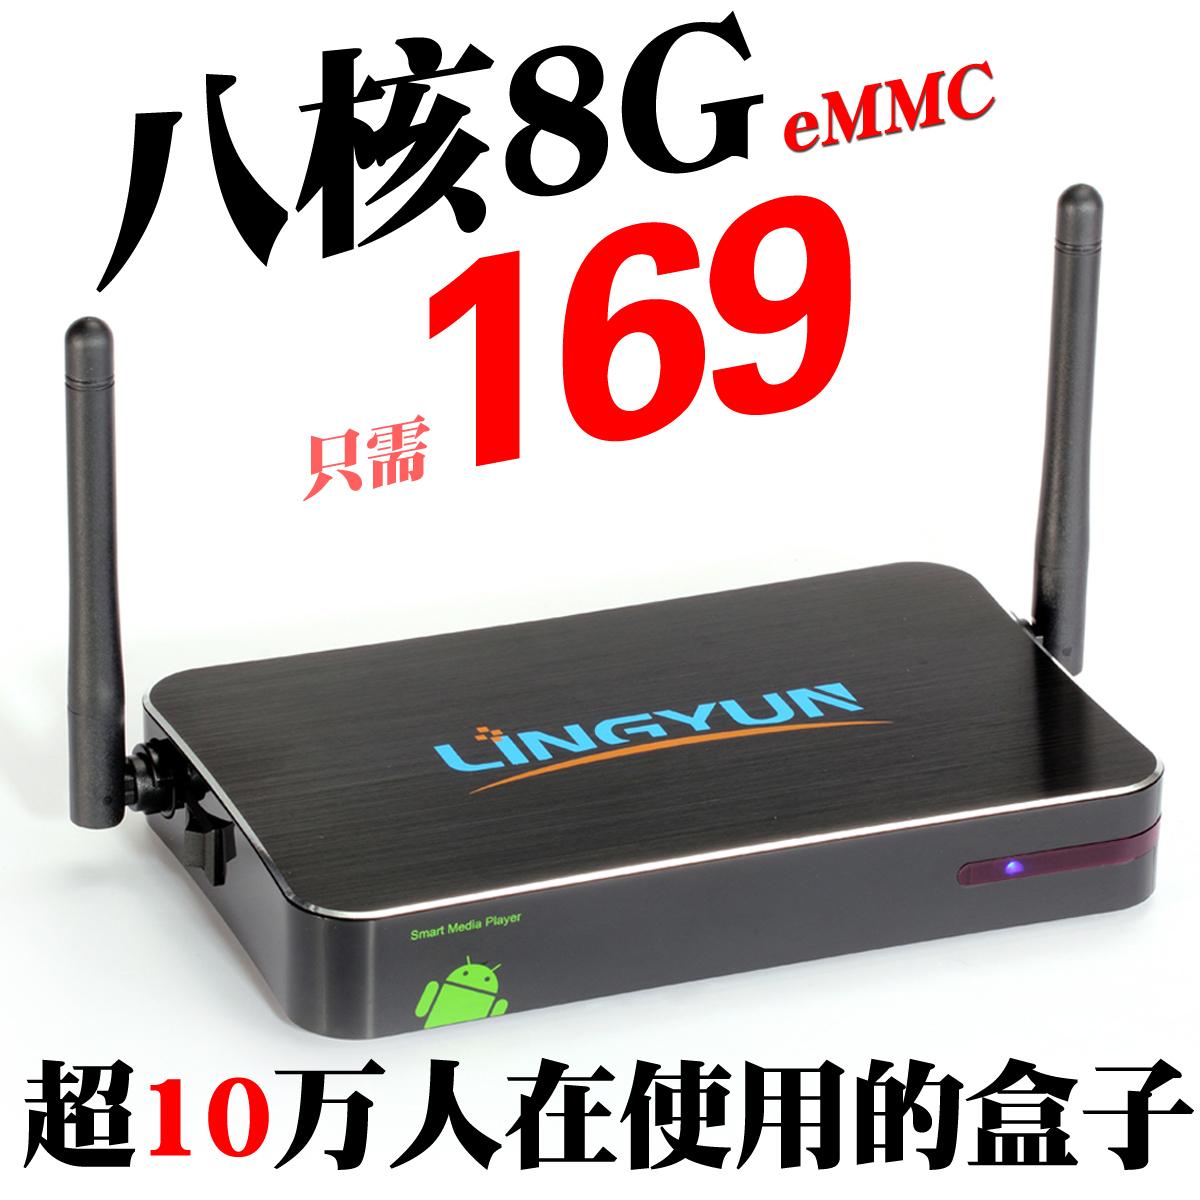 灵云Q3 四核高清网络机顶盒 网络电视机顶盒子 八核GPU 无线